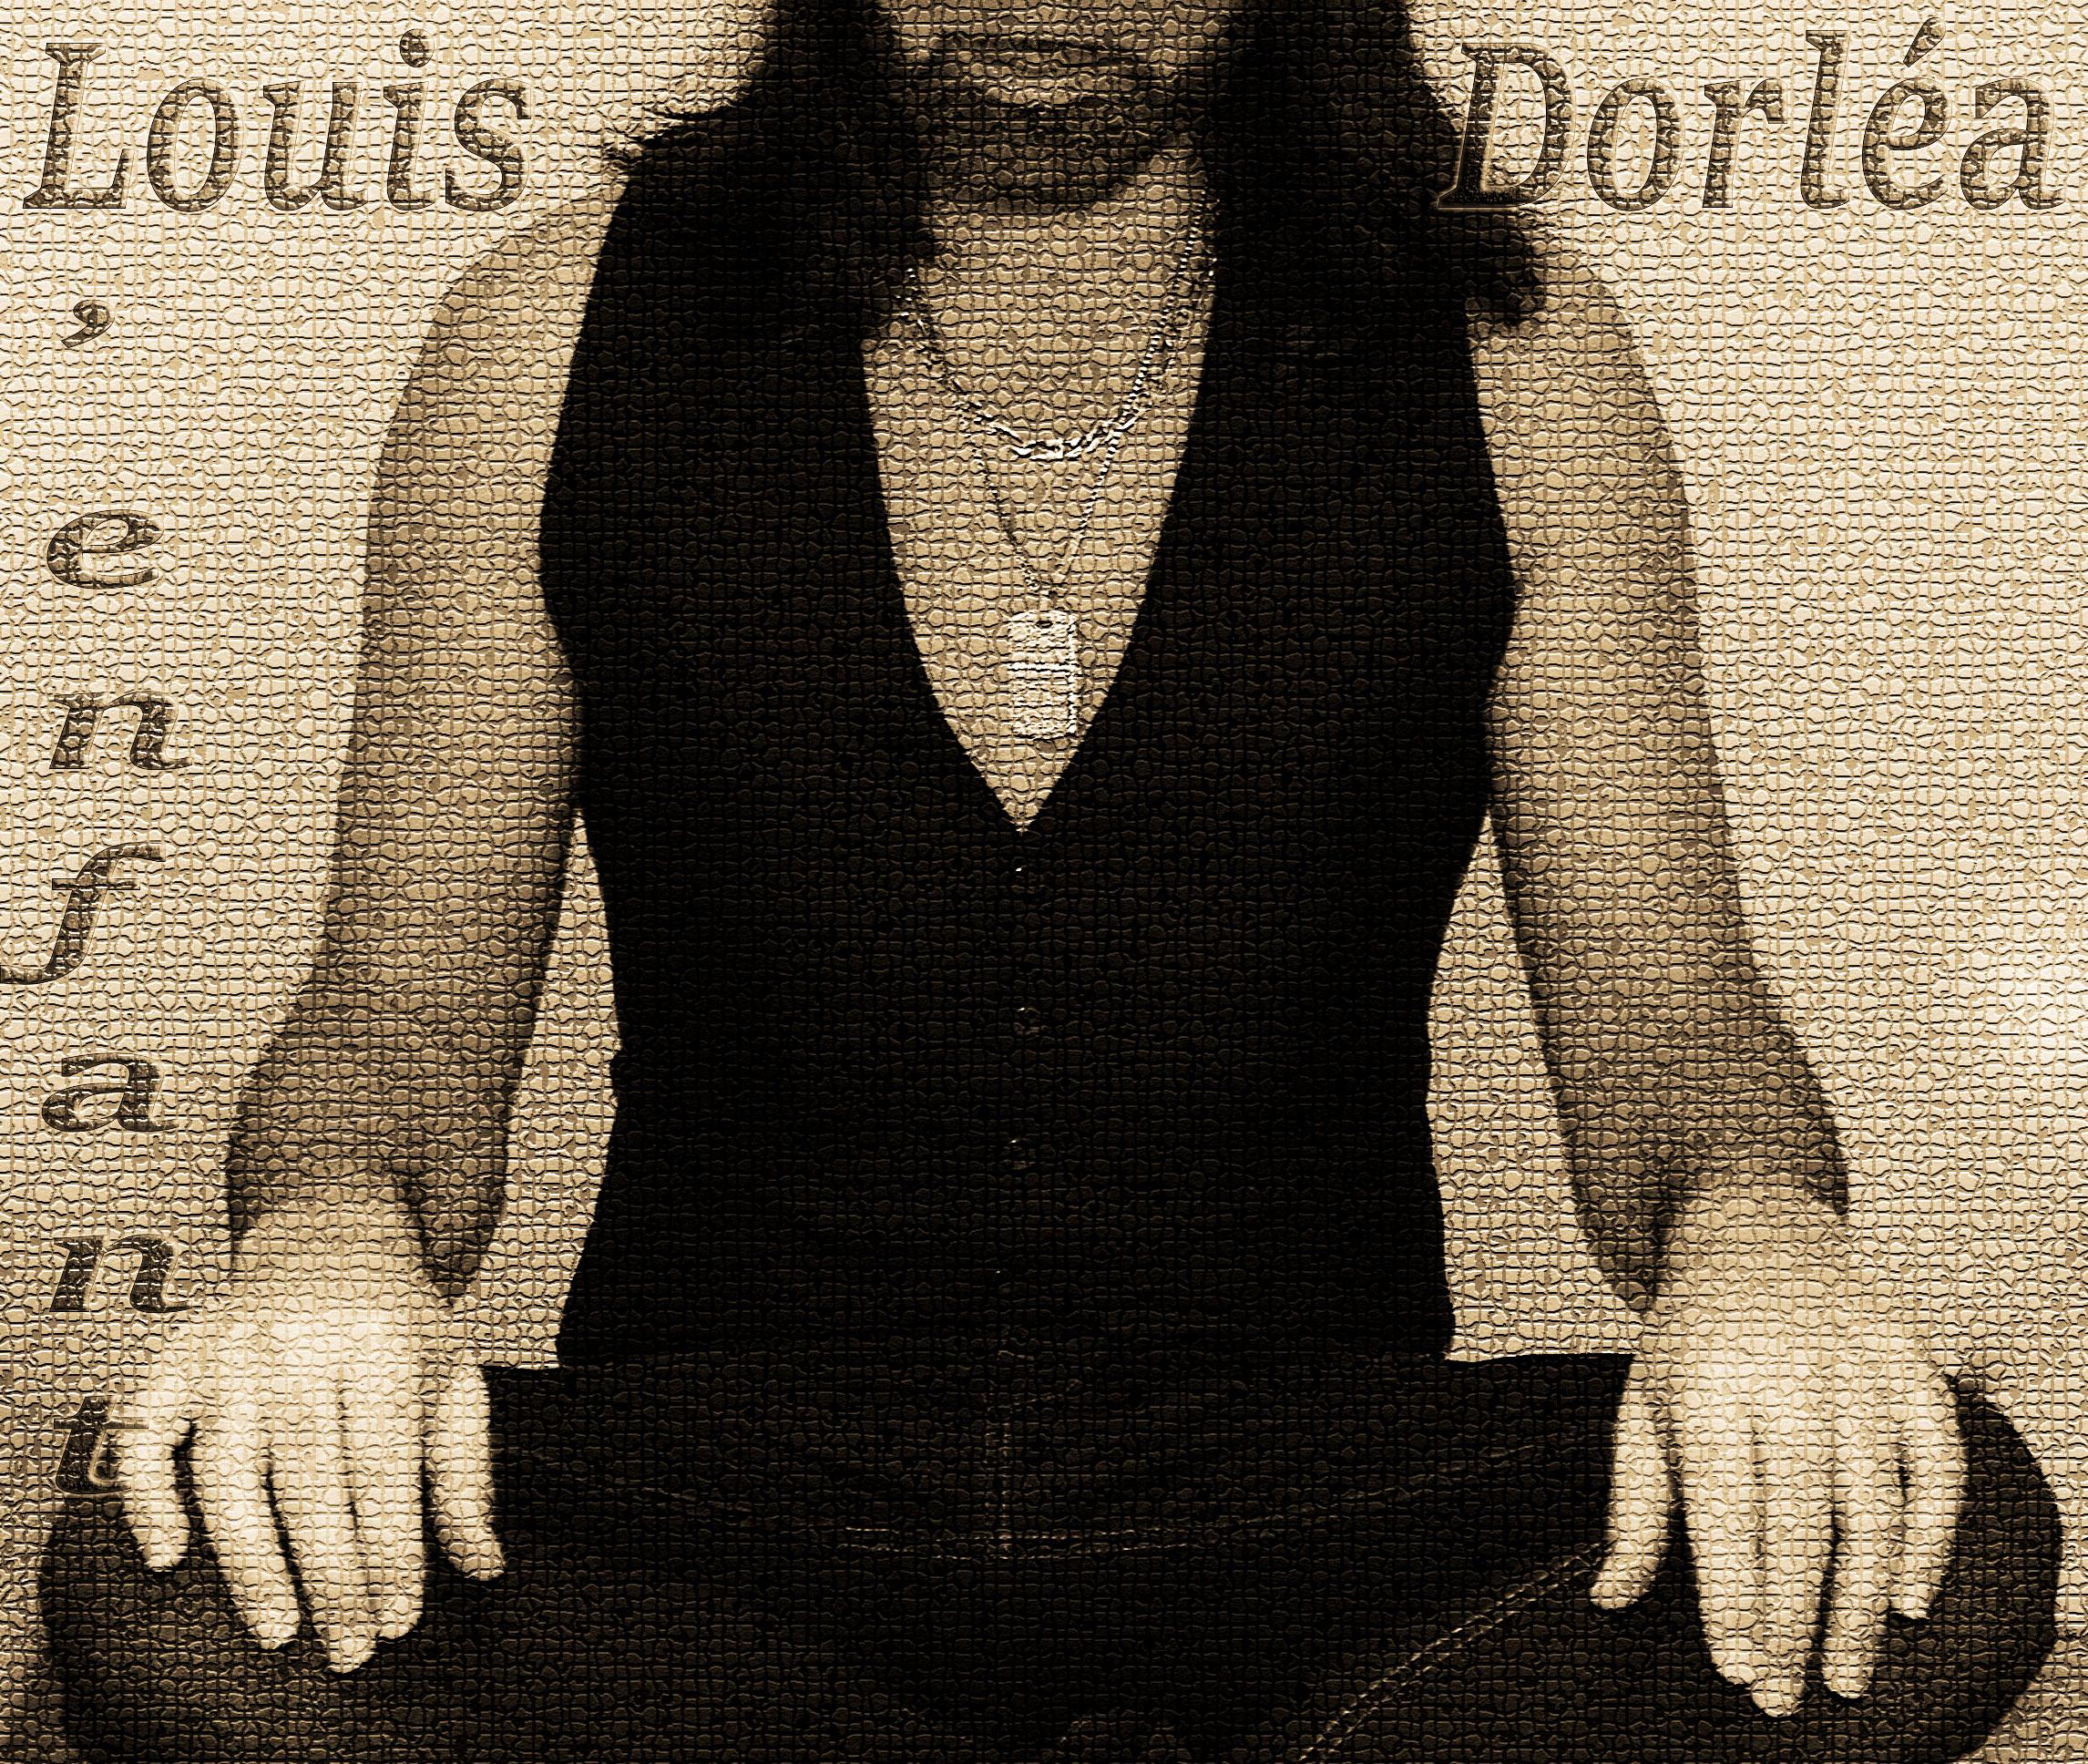 Louis-Dorléa-L'enfant